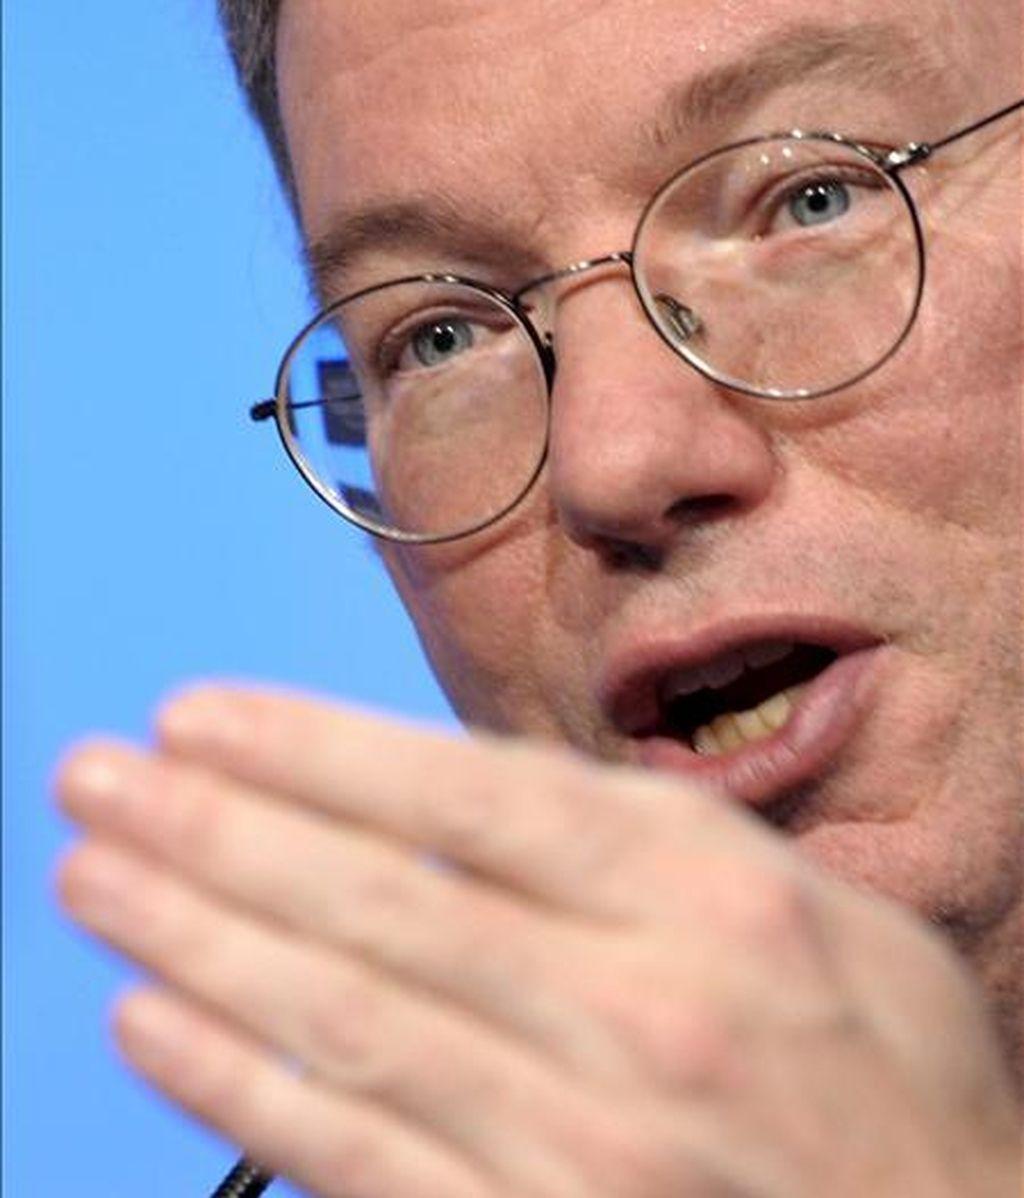 """""""Google ha tenido un segundo trimestre fuerte"""", dijo Eric Schmidt, consejero delegado de Google, que atribuyó el aumento del beneficio a """"un sólido crecimiento"""" en sus principales áreas de negocio. EFE/Archivo"""